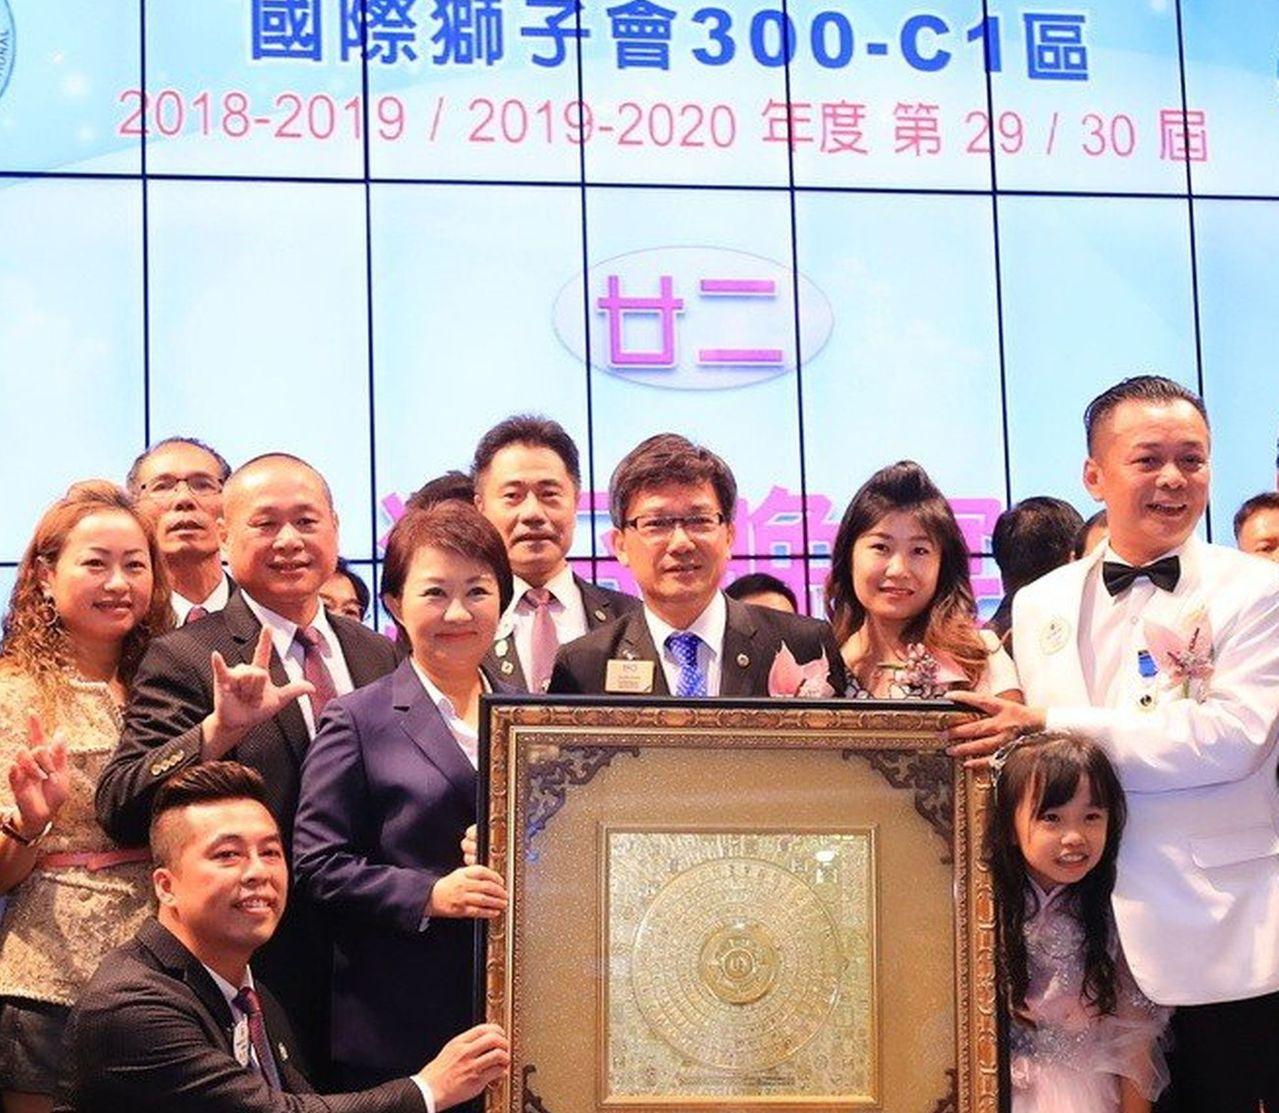 國際獅子會300-C1區新任總監謝文卿(右一)。圖/本報資料照片、記者陳秋雲攝影